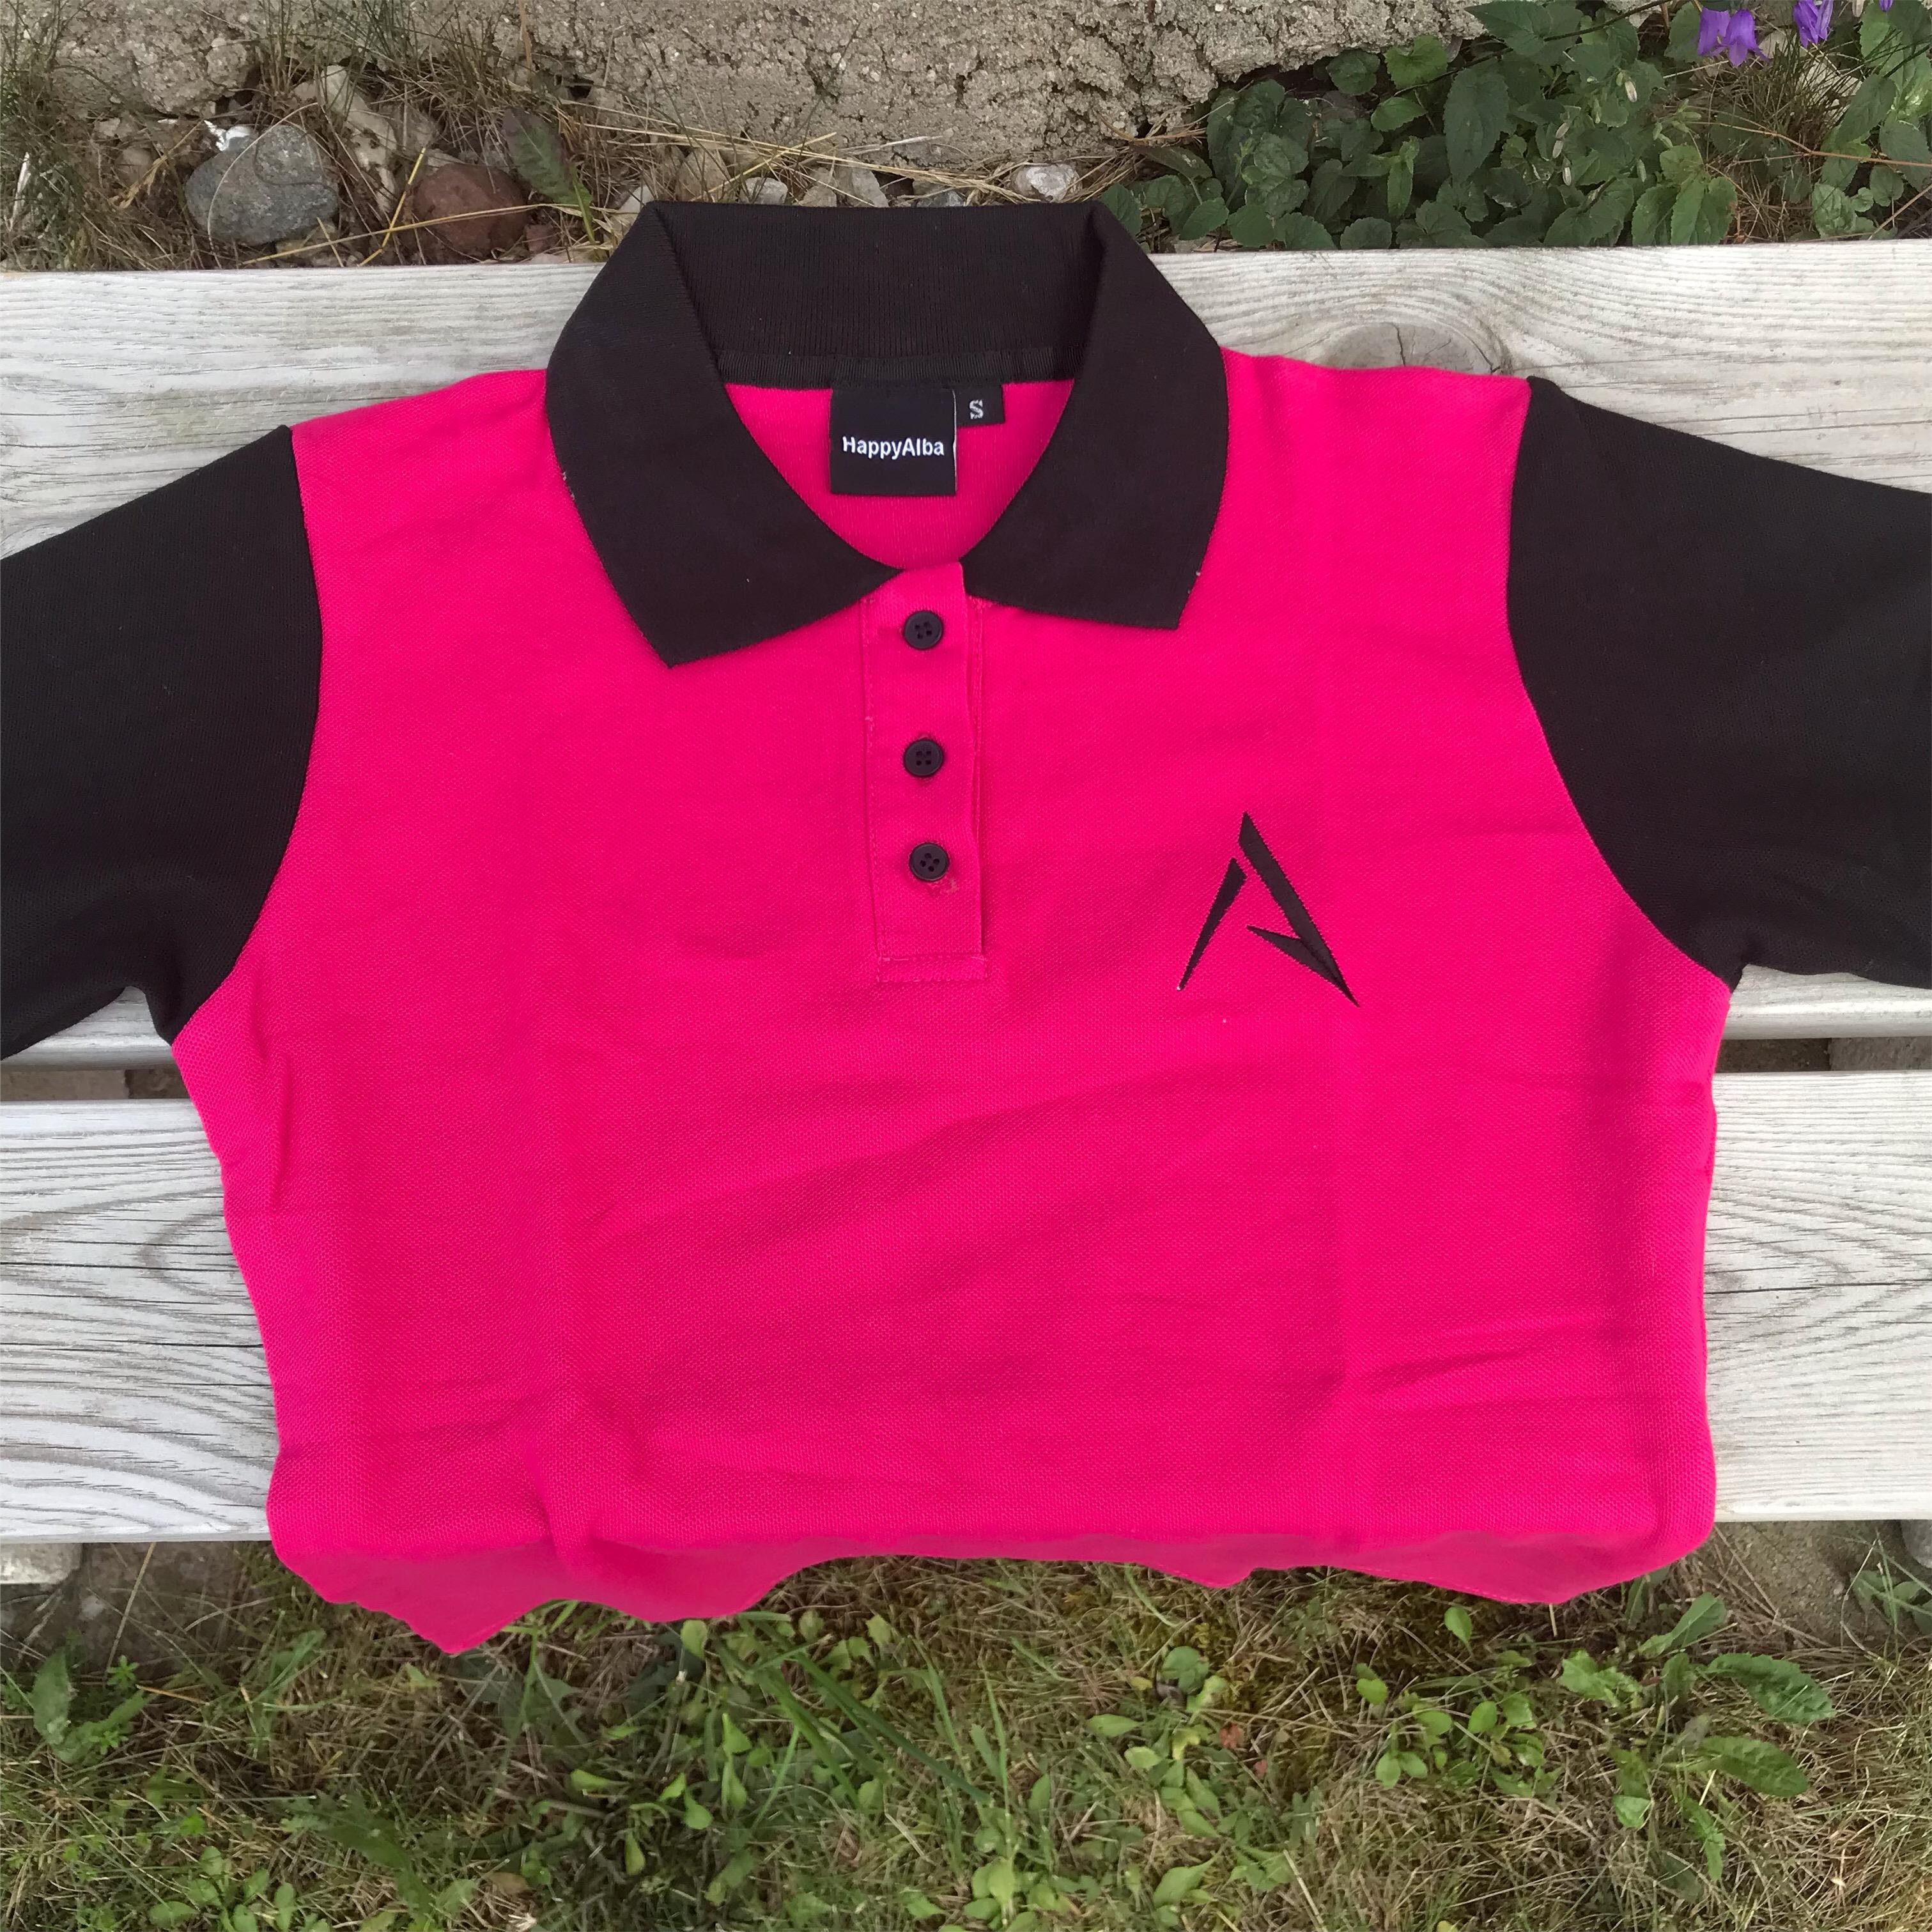 Sköna snygga dampikeér i rosa och svart